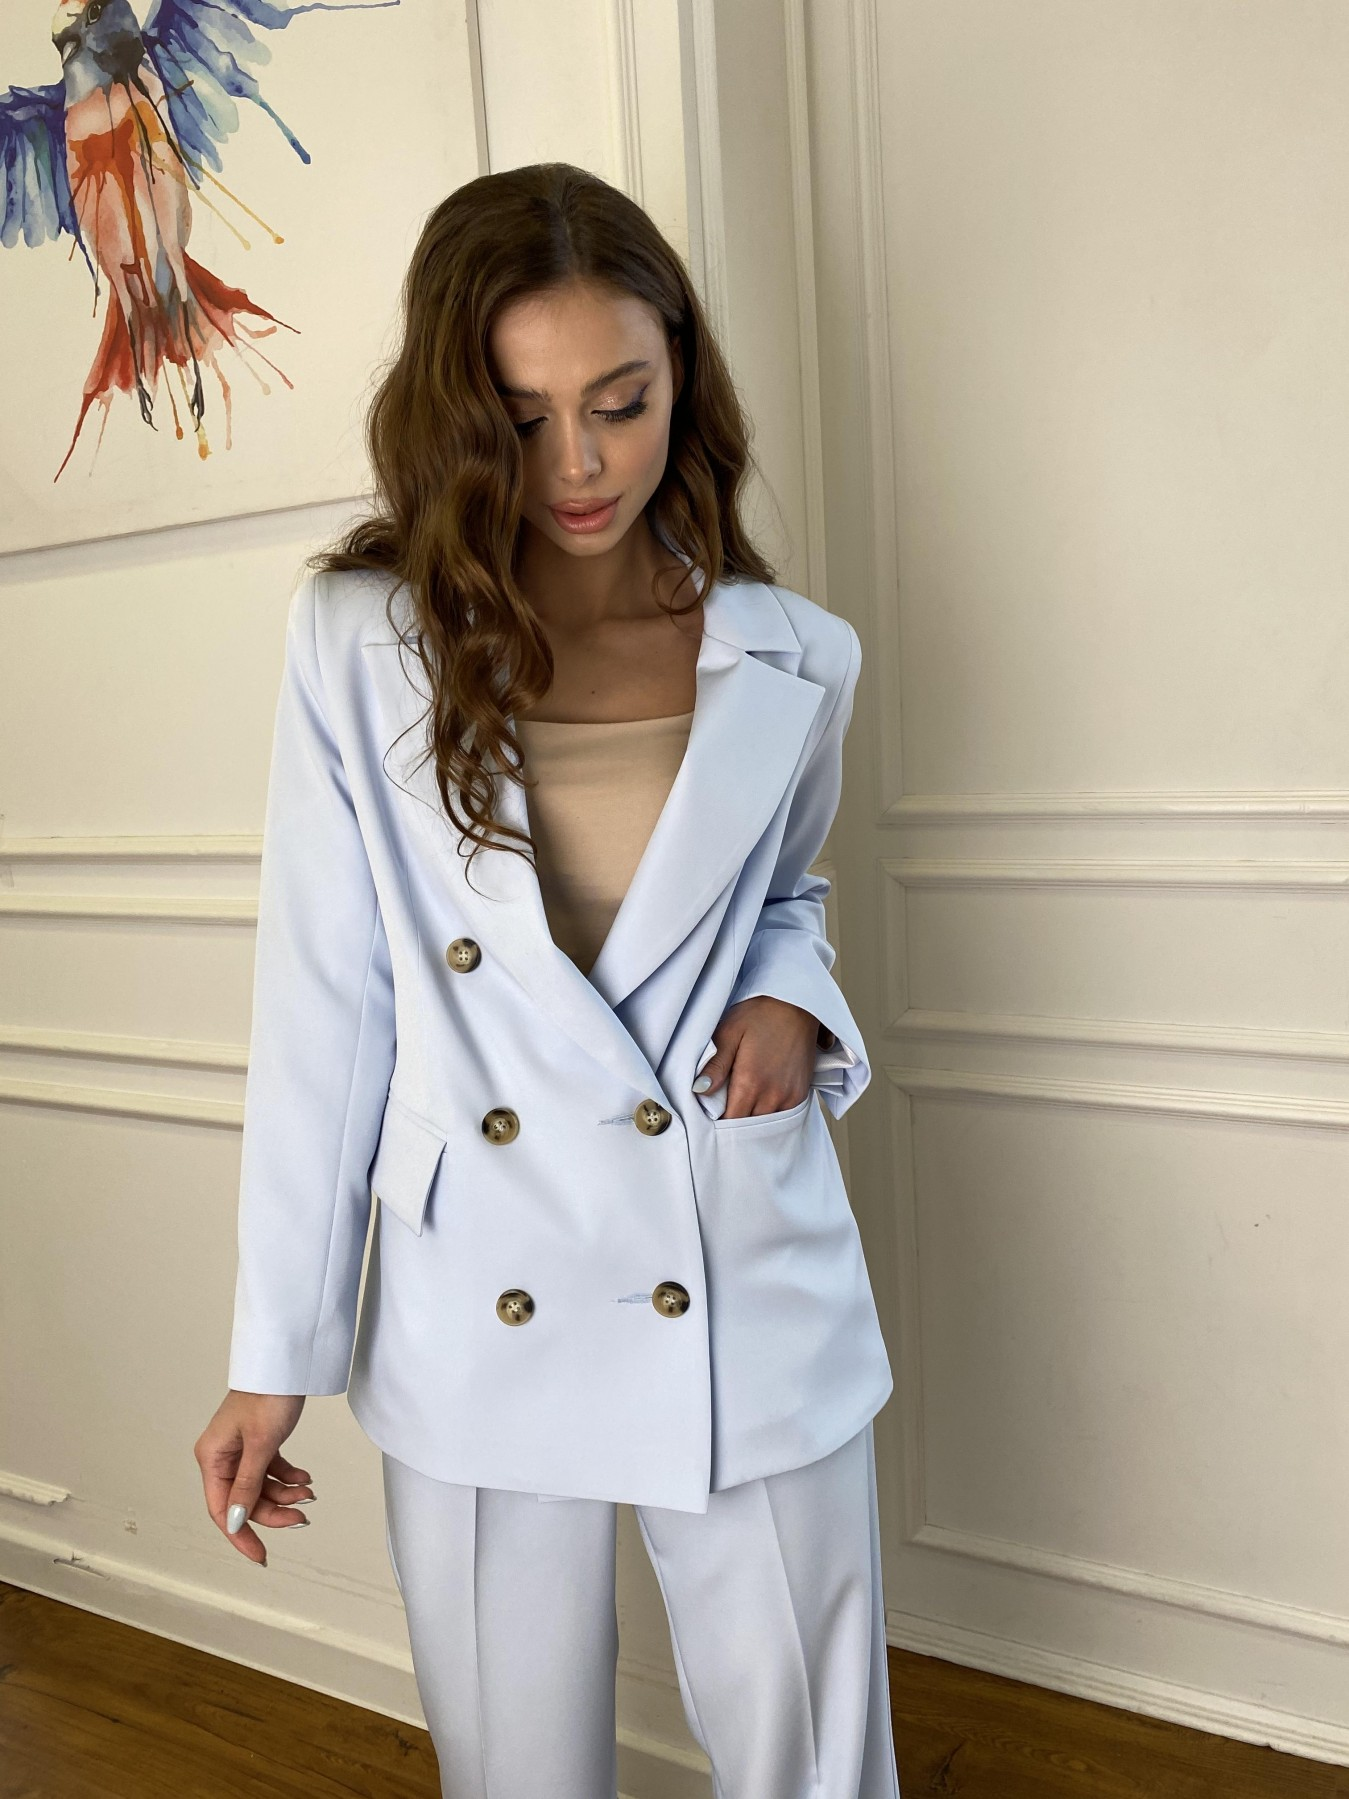 Белисимо  костюм стрейч из костюмной ткани 11217 АРТ. 47737 Цвет: Голубой - фото 6, интернет магазин tm-modus.ru